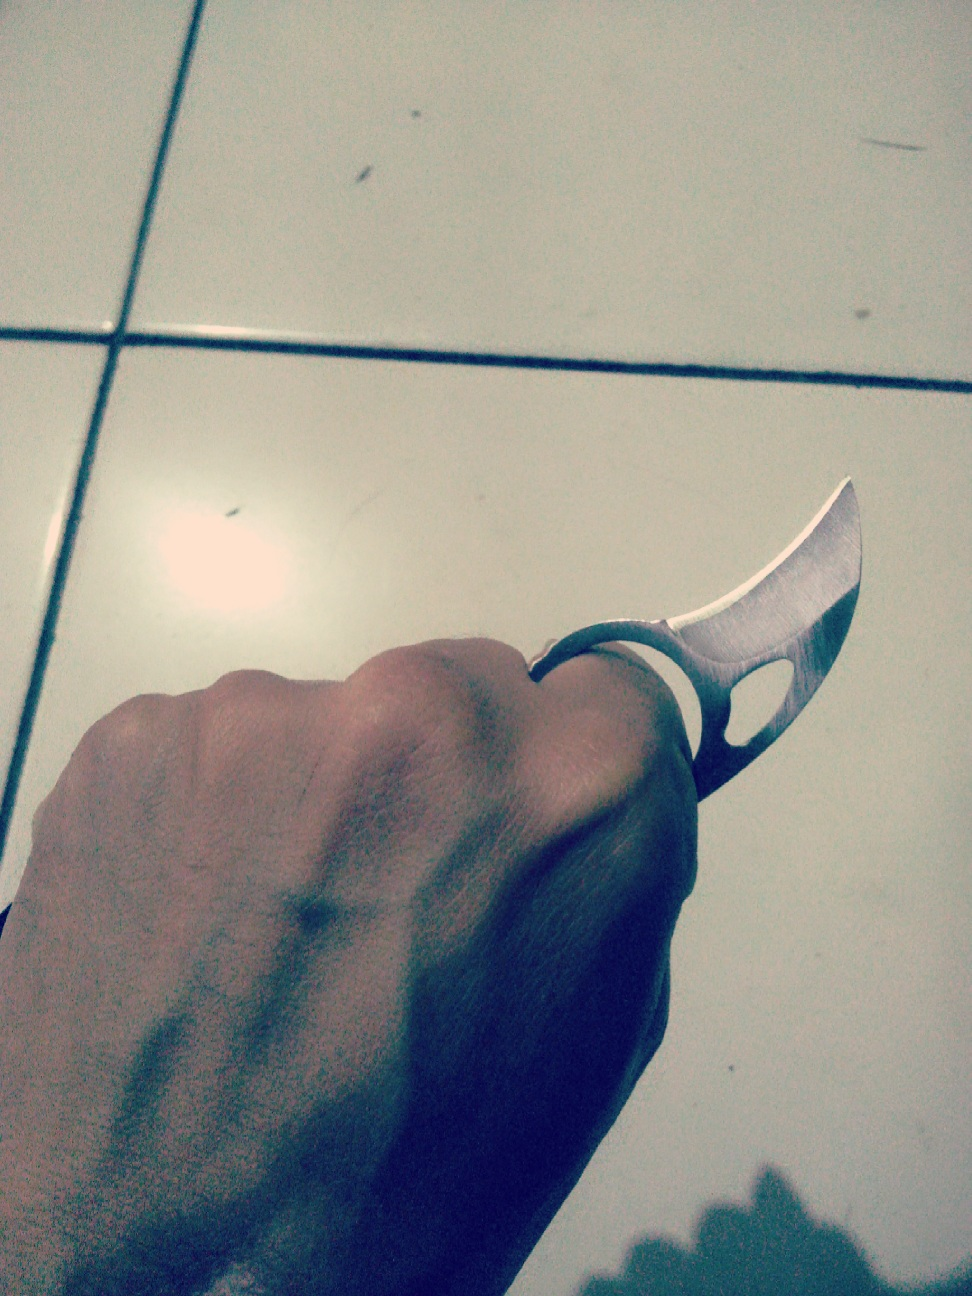 JUAL CURVED BALISONG, TRENCH KNIFE, KERAMBIT MURAH